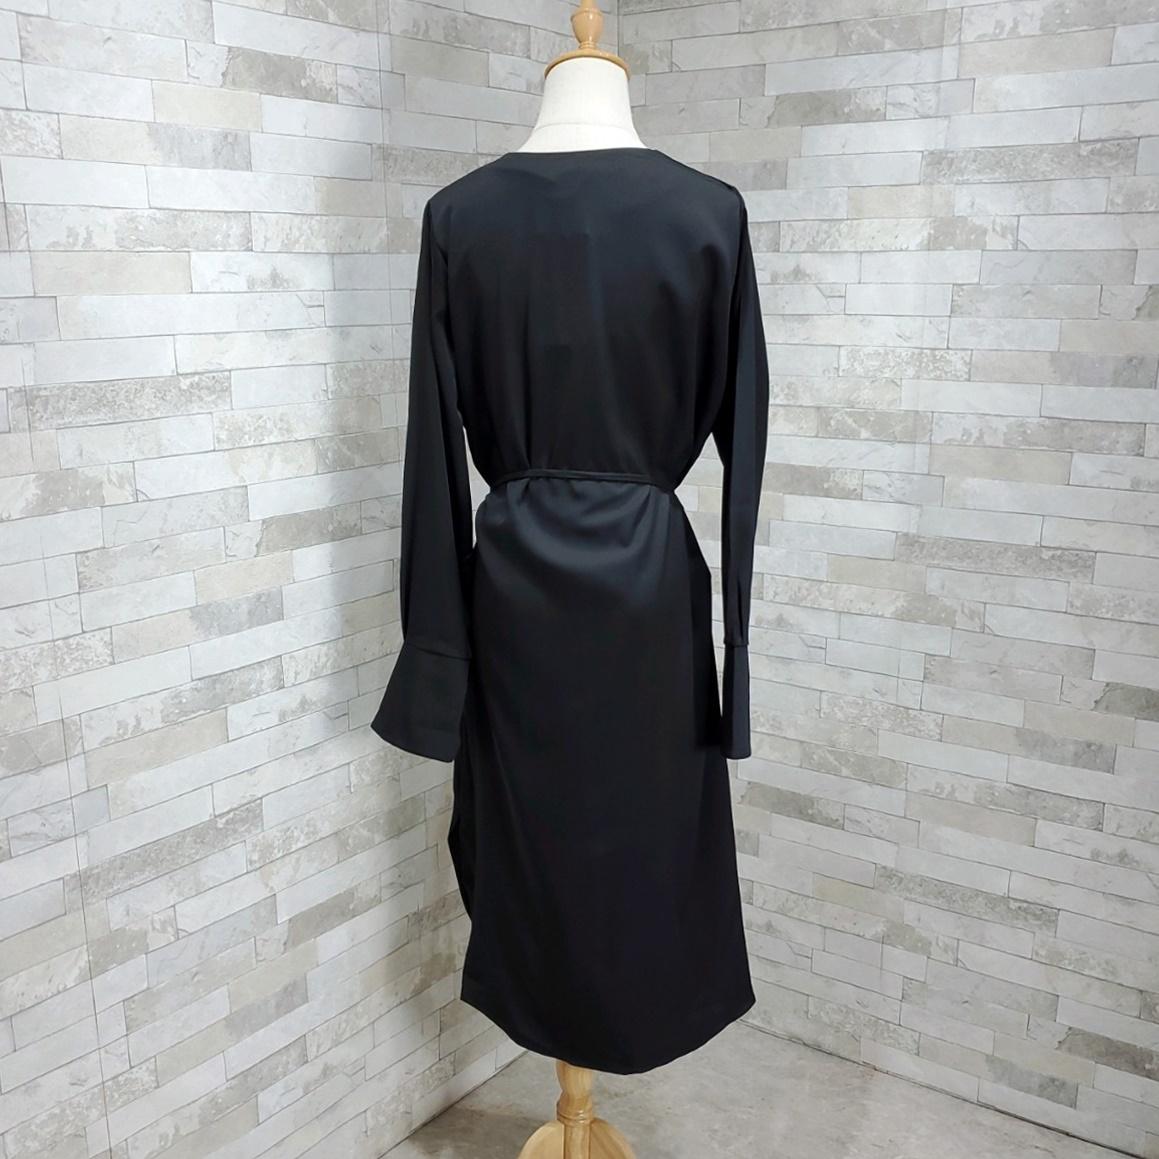 韓国 ファッション ワンピース 春 秋 冬 カジュアル PTXH448  とろみ素材 アシンメトリー ベーシック 着回し オルチャン シンプル 定番 セレカジの写真11枚目